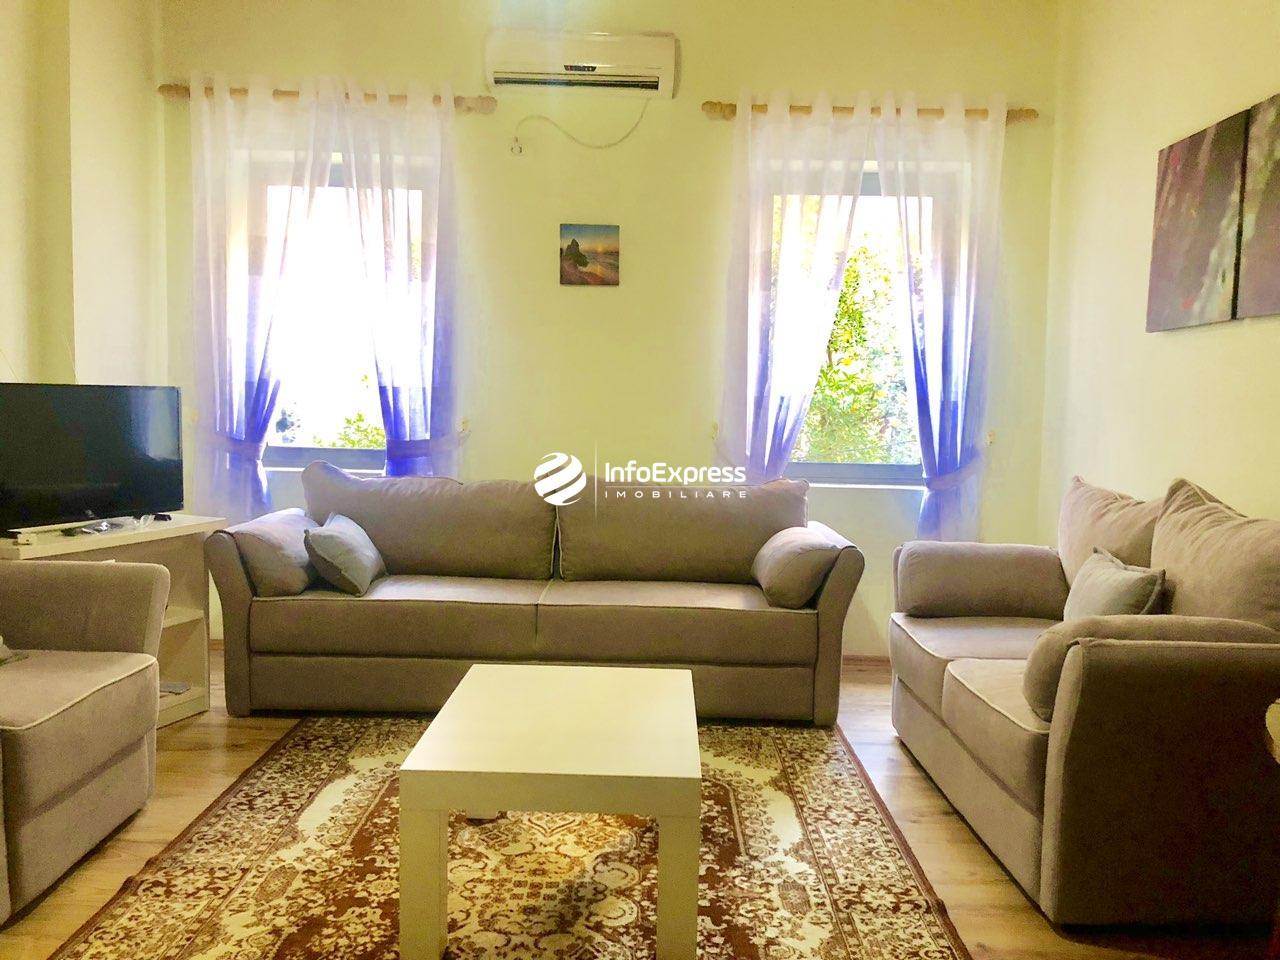 TRR-0618-1303 Jepen me qera mujore , dy apartamente me siperfaqe Secila nga 65 m2,